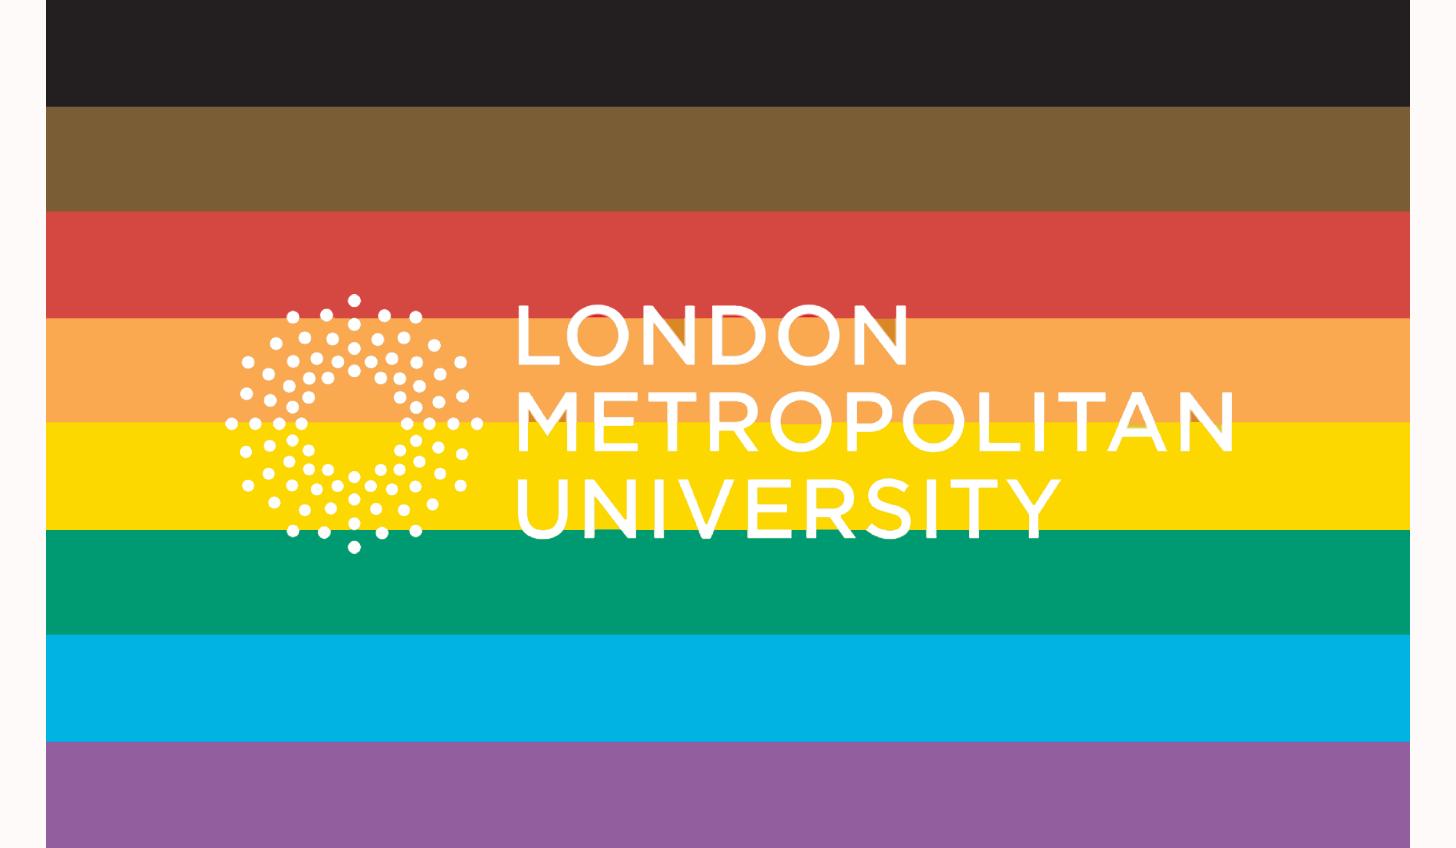 London Metropolitan University - London Metropolitan University